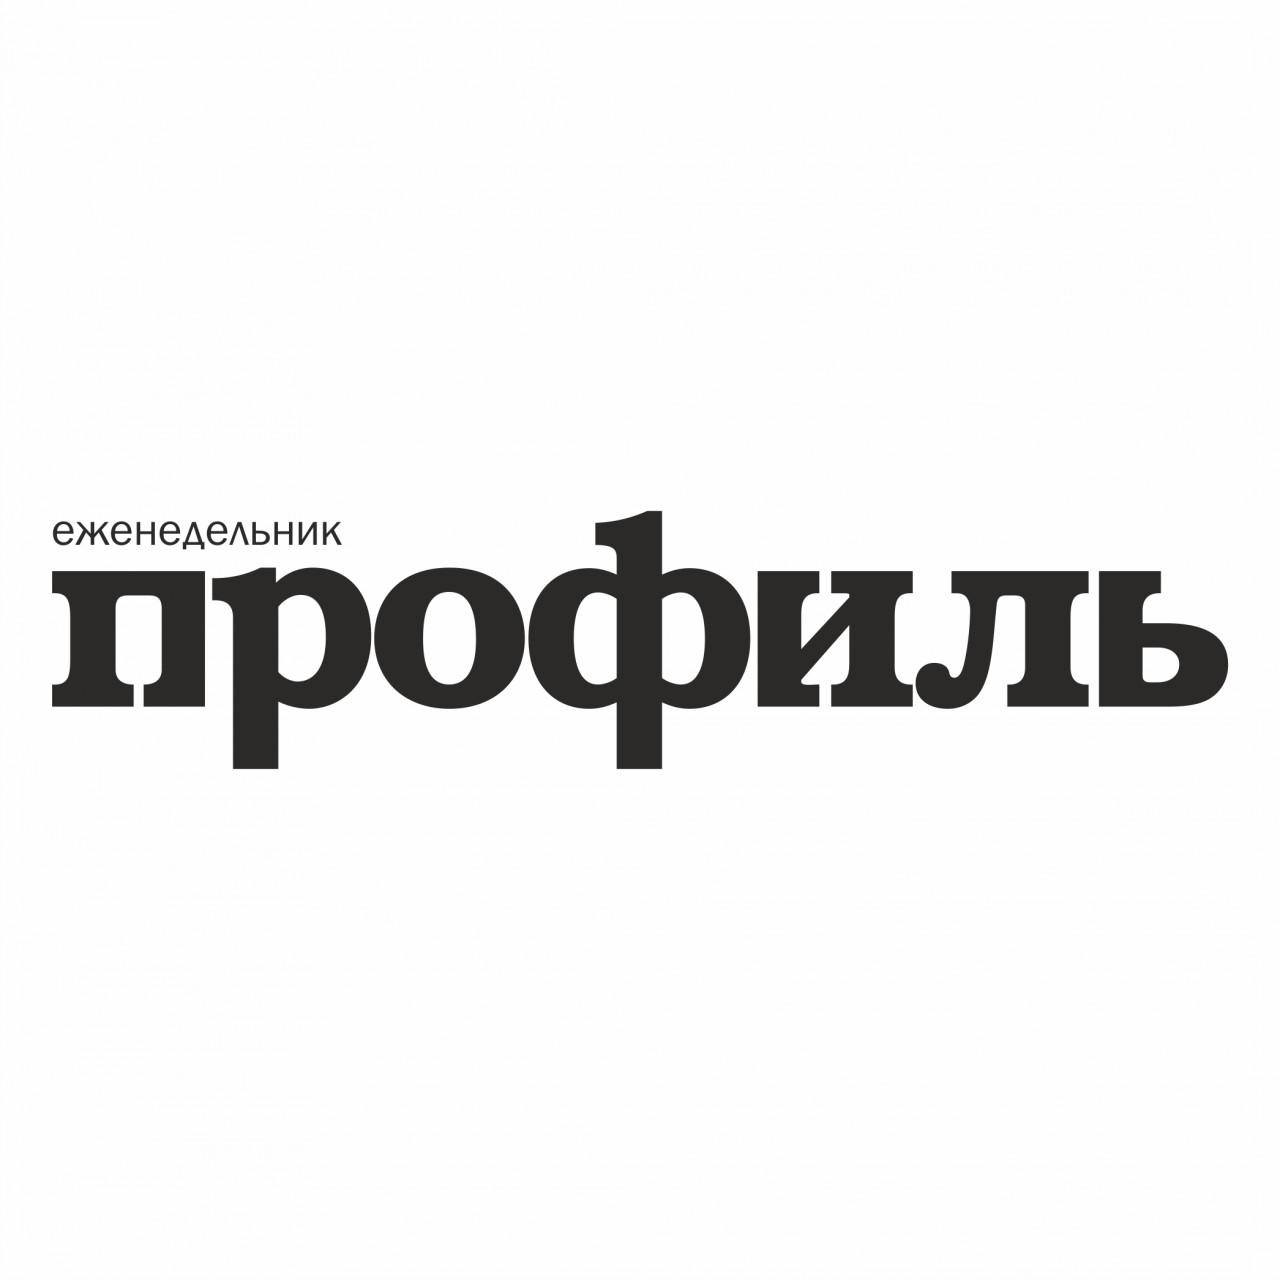 Каждому россиянину к 2019 году присвоят идентификационный номер